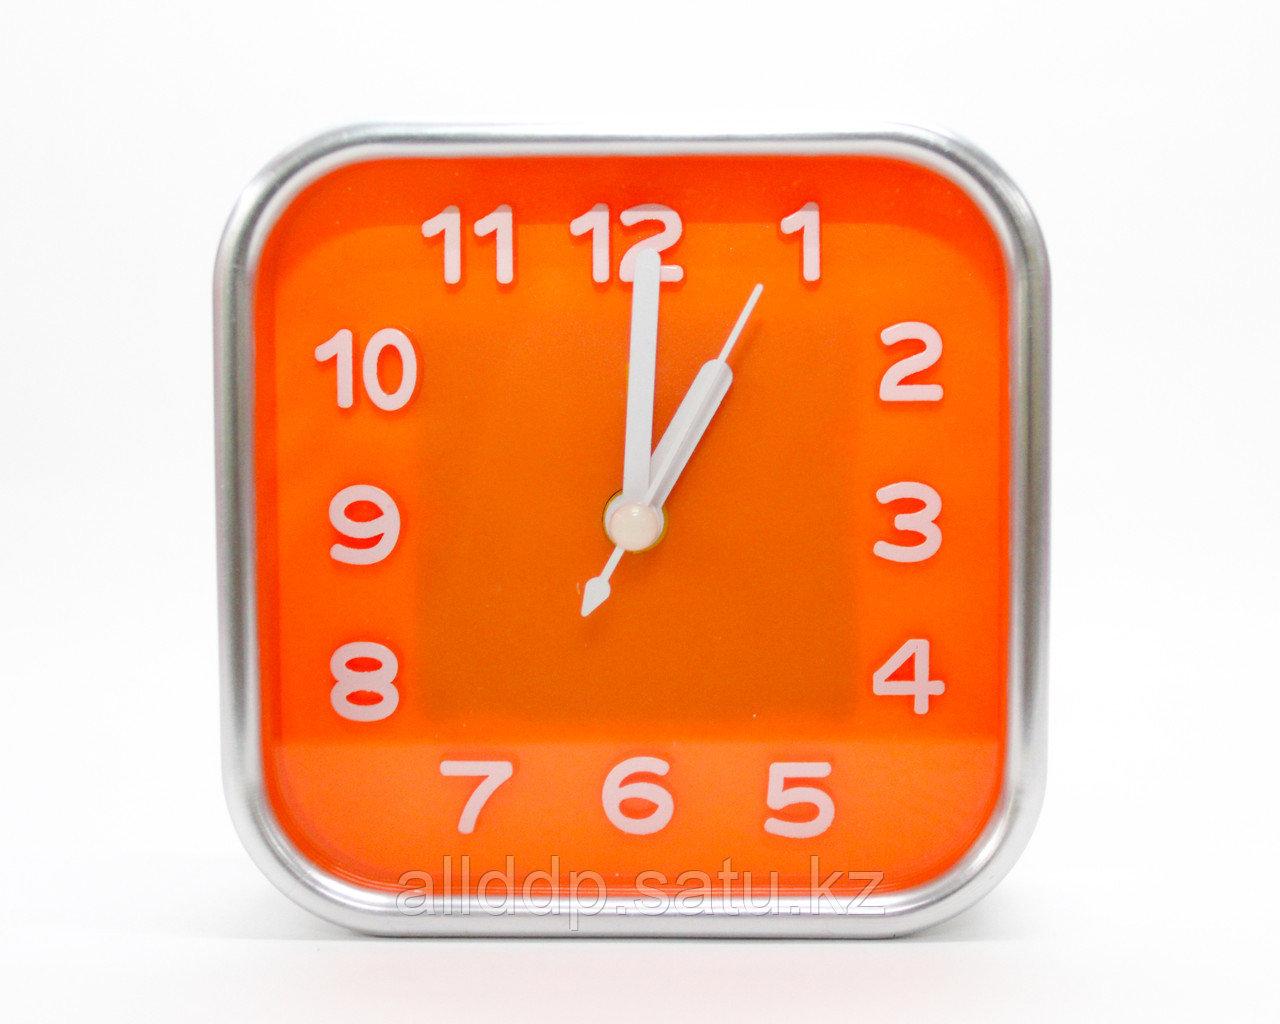 Часы-будильник квадратные, оранжевые, 10 см